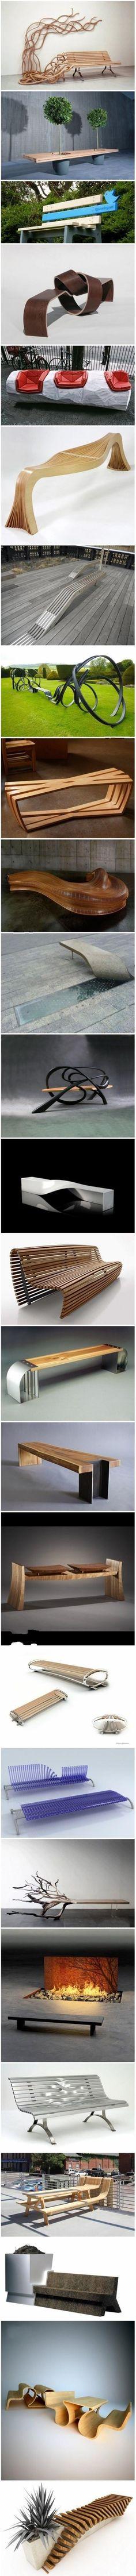 26 excellent public benches. #design.